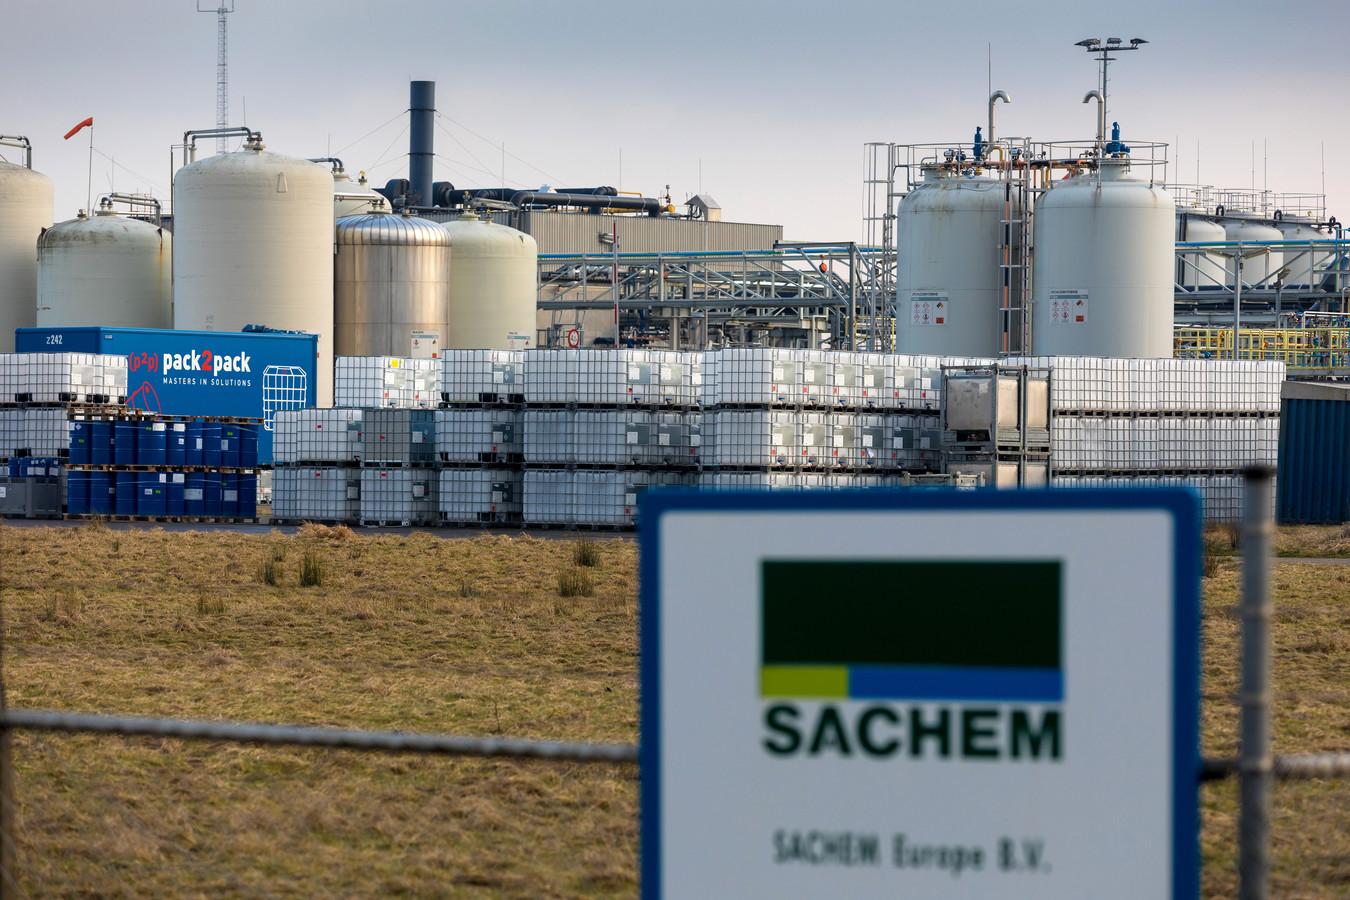 Sachem Europe bv in Zaltbommel.